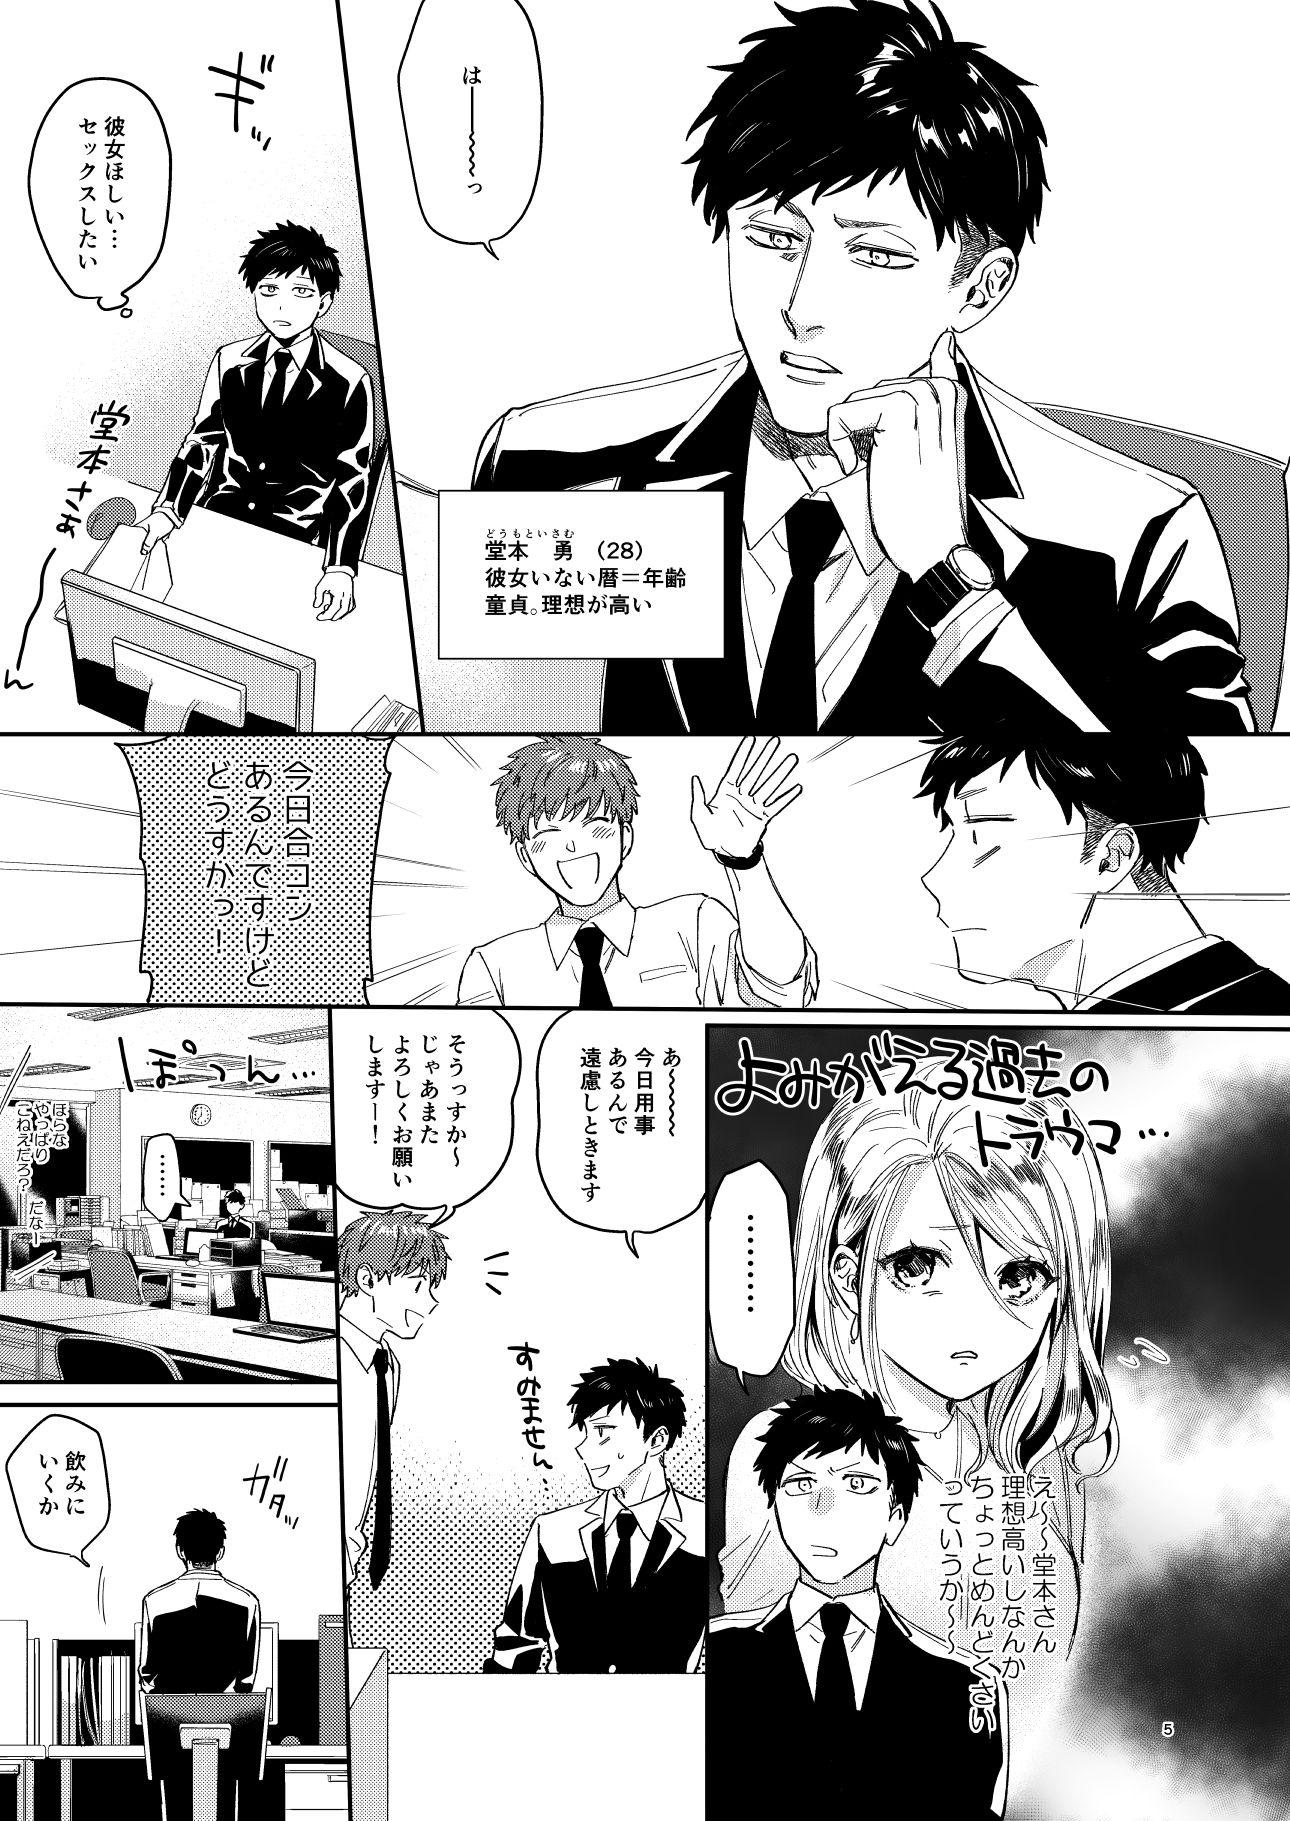 やんちゃボーイとアイラブユー!!